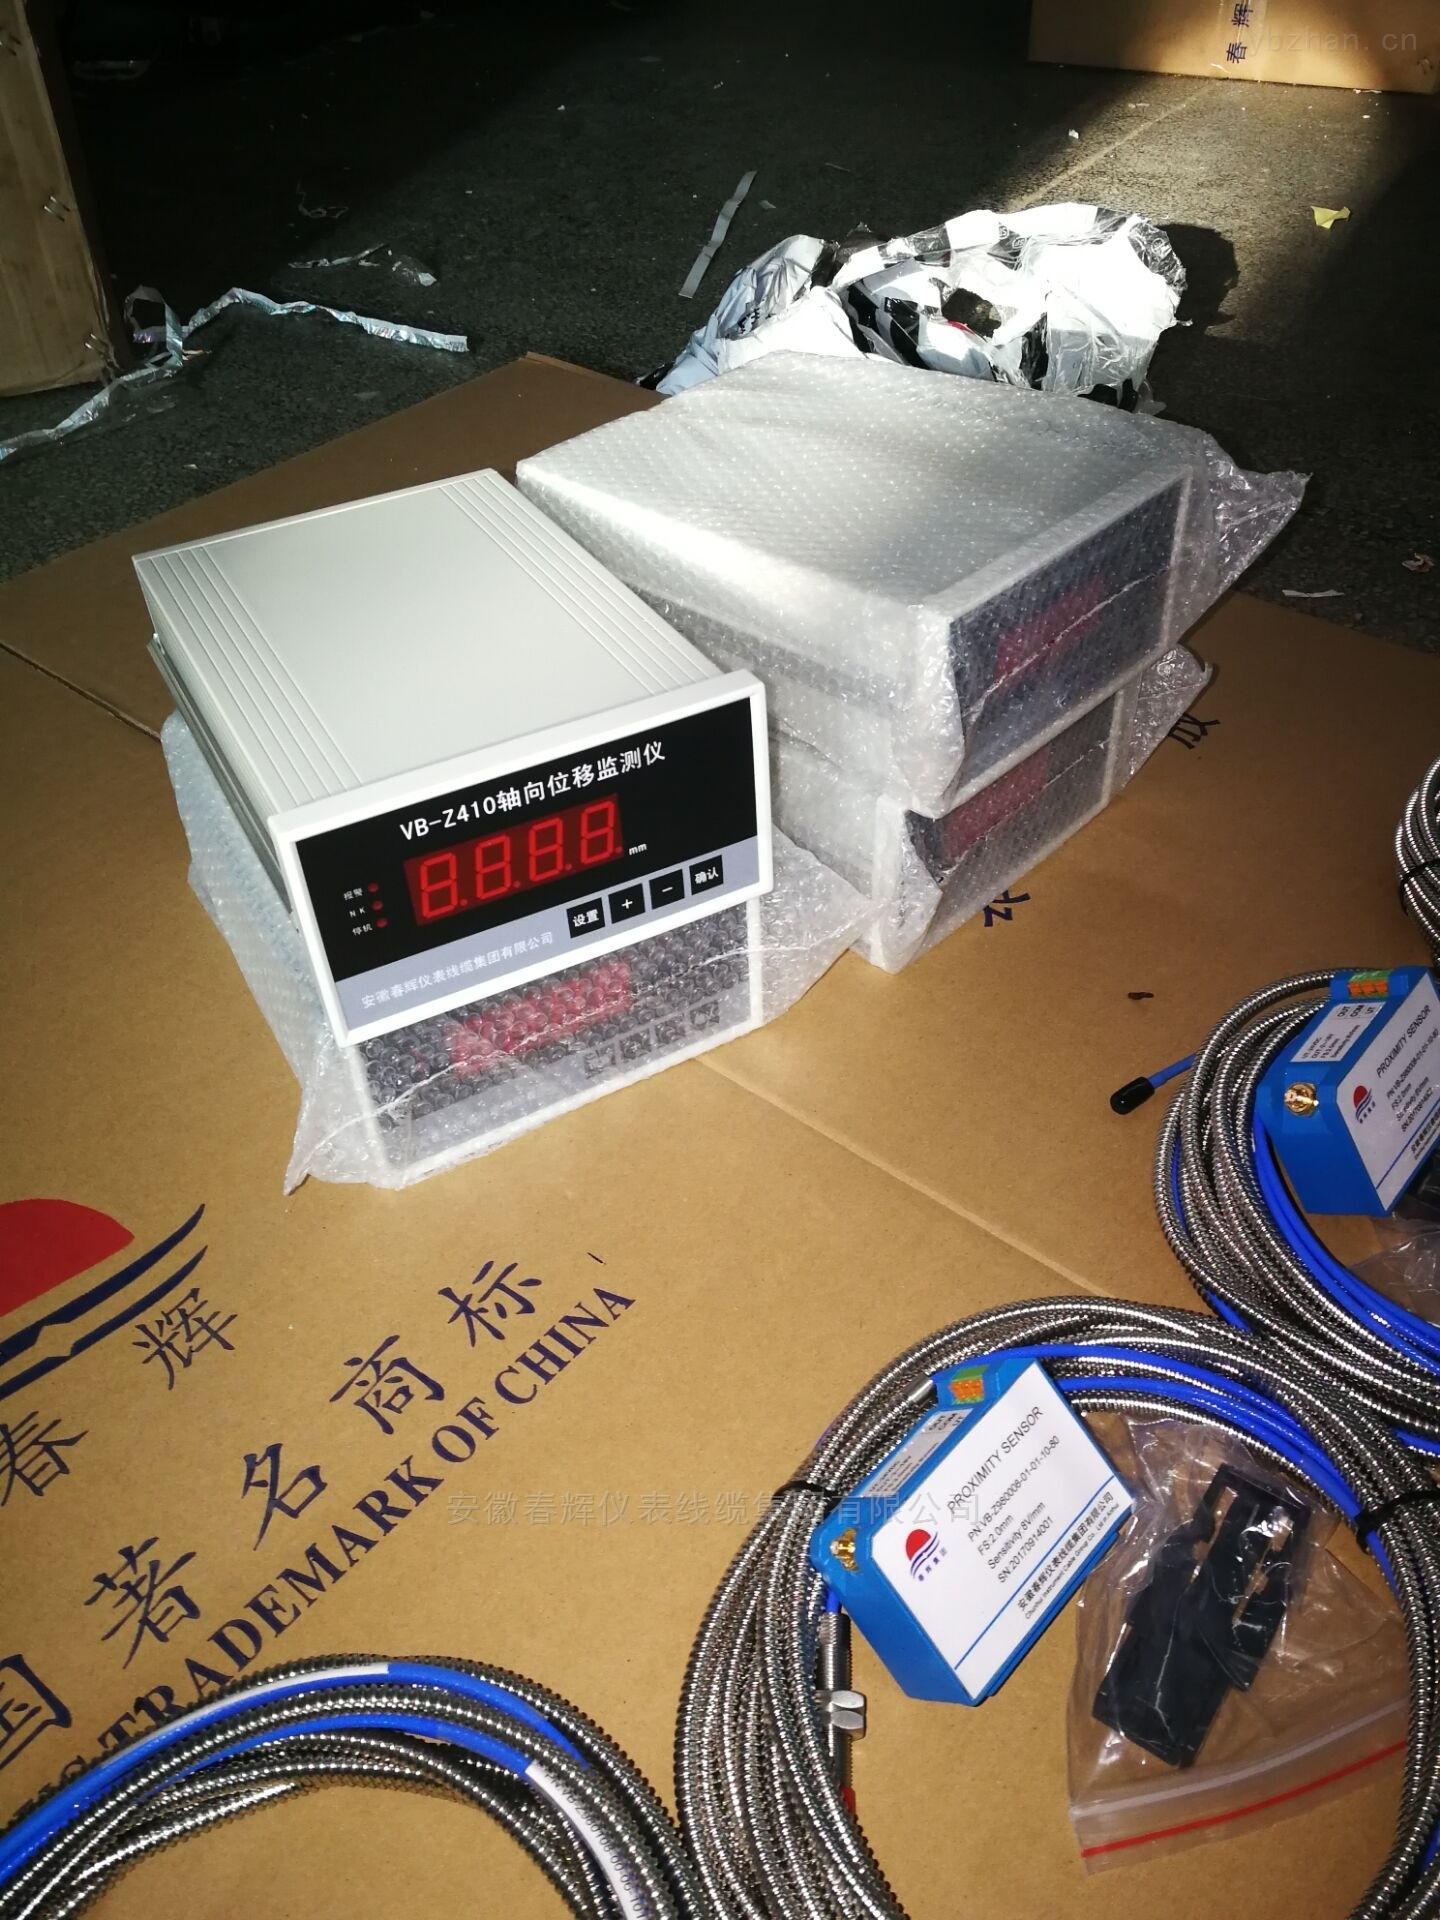 軸傳感器 安徽春輝集團